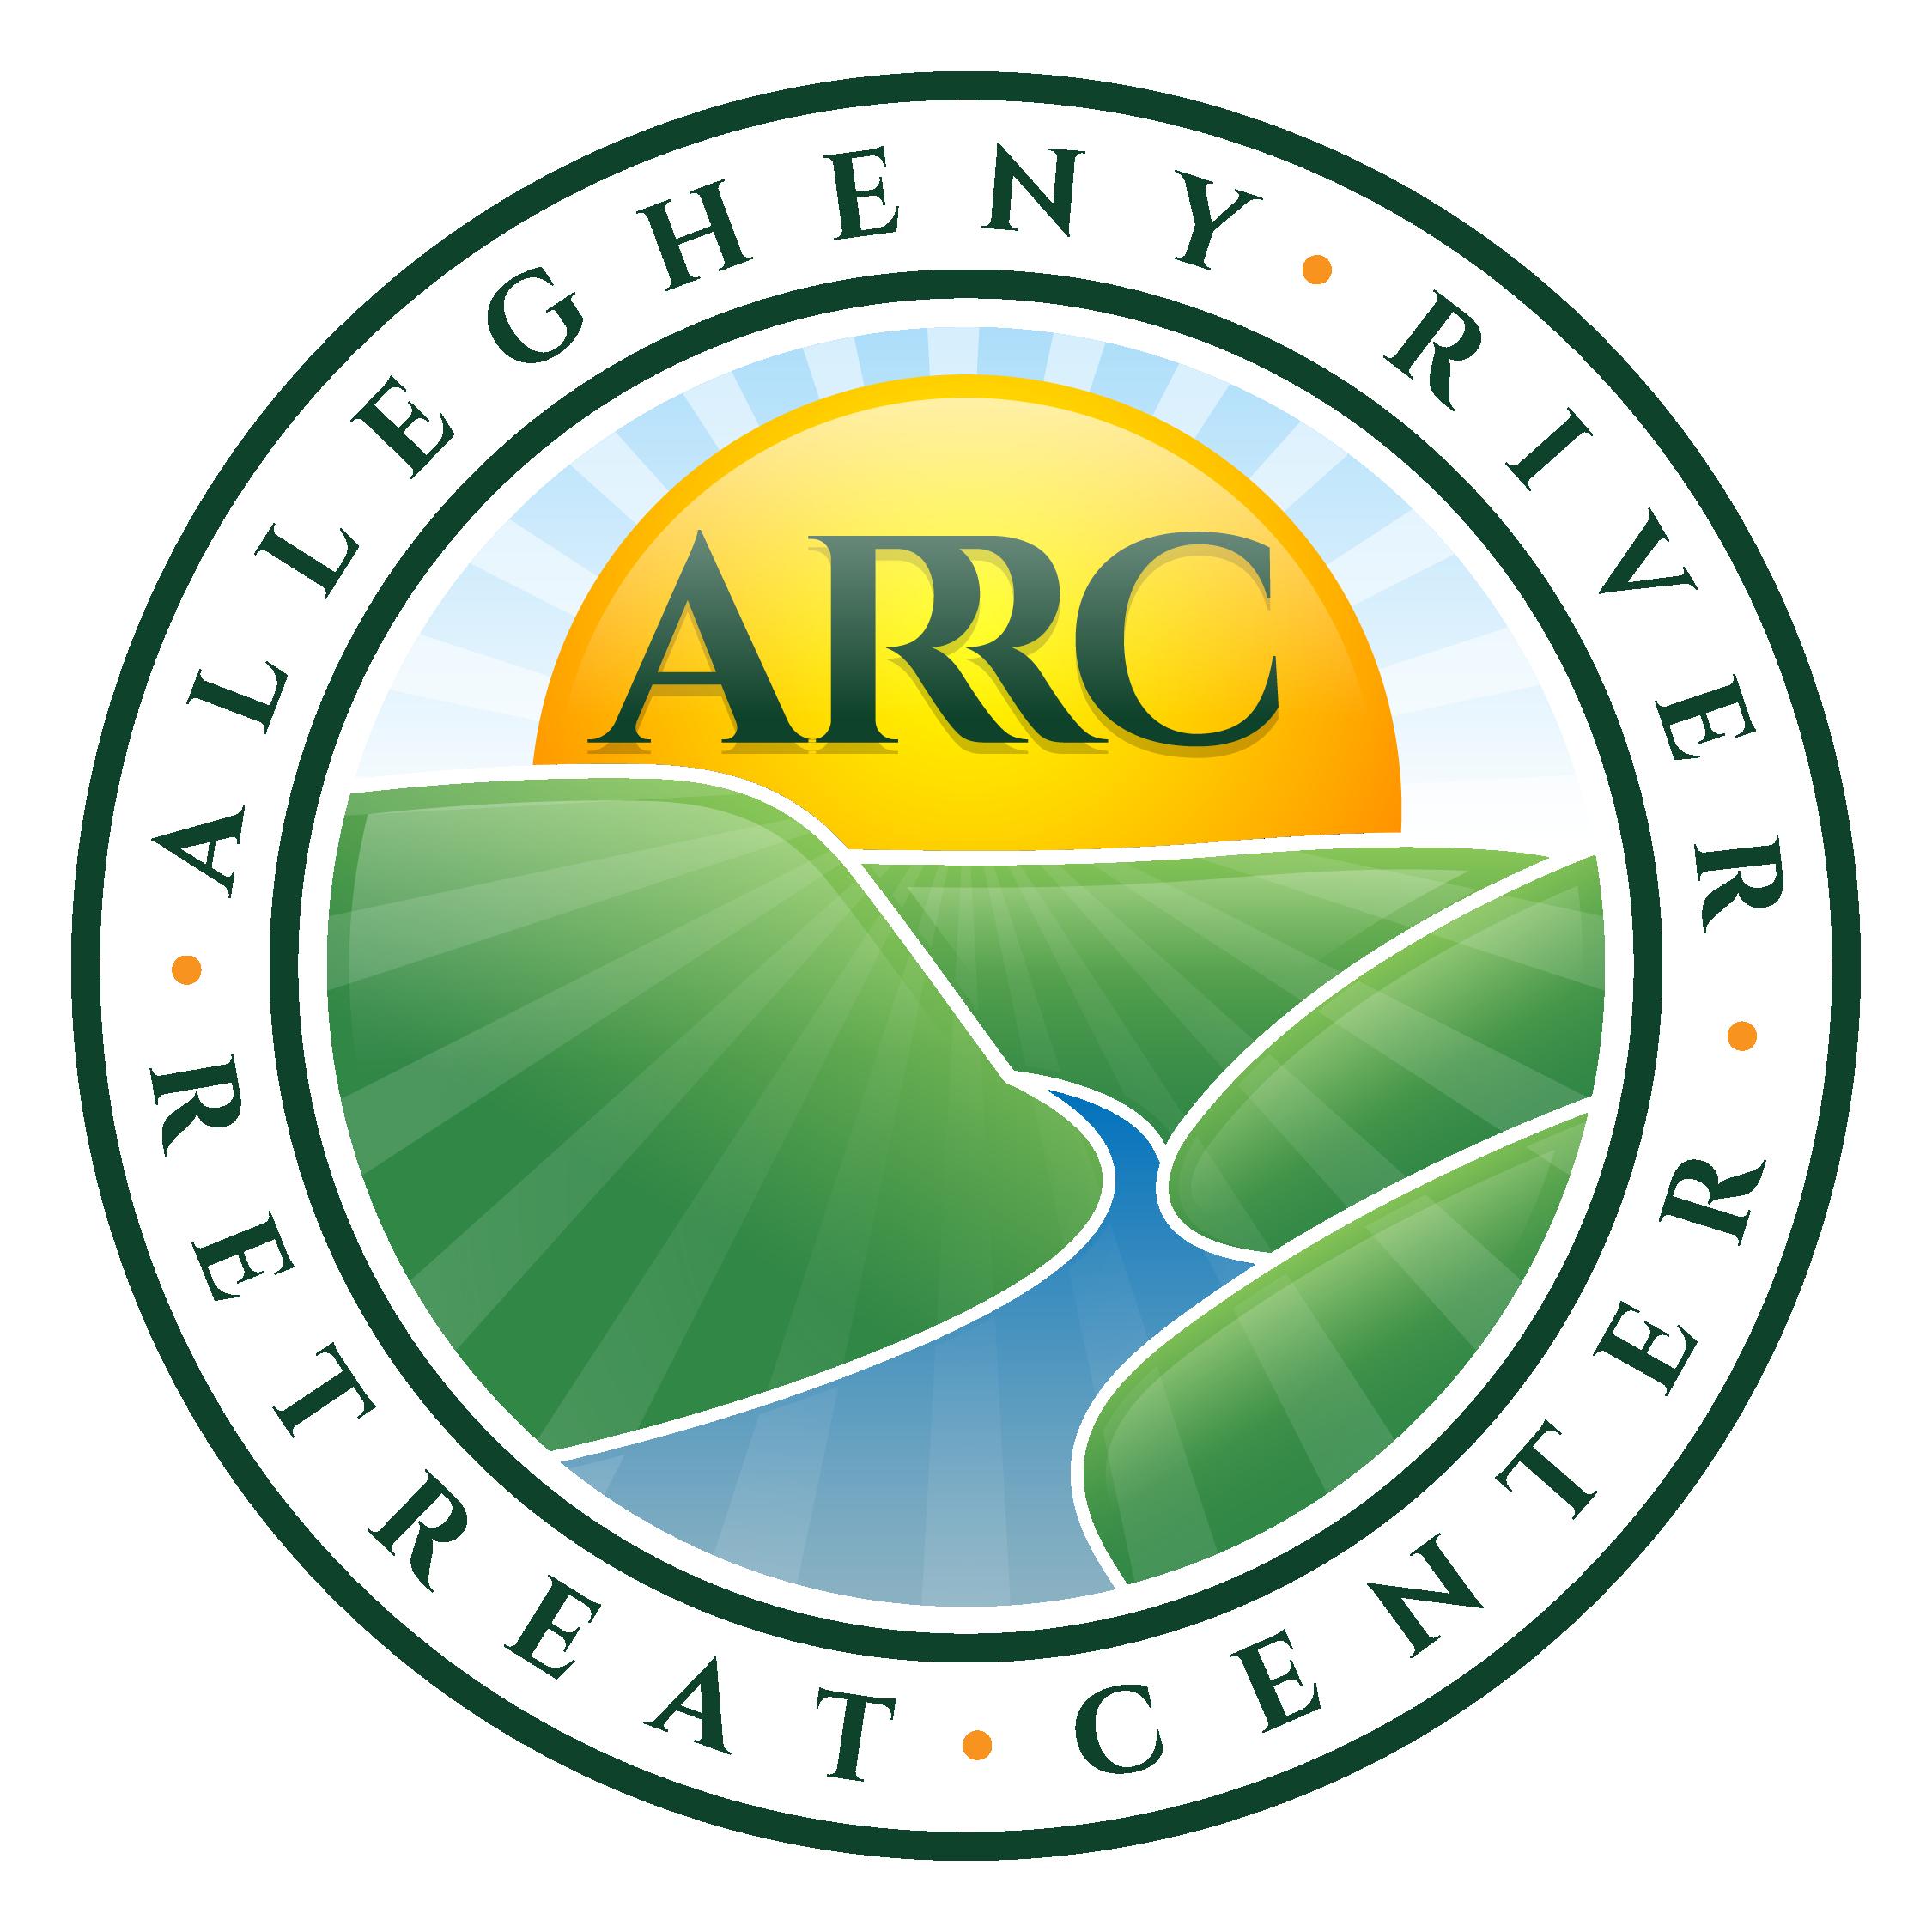 arrc-logo